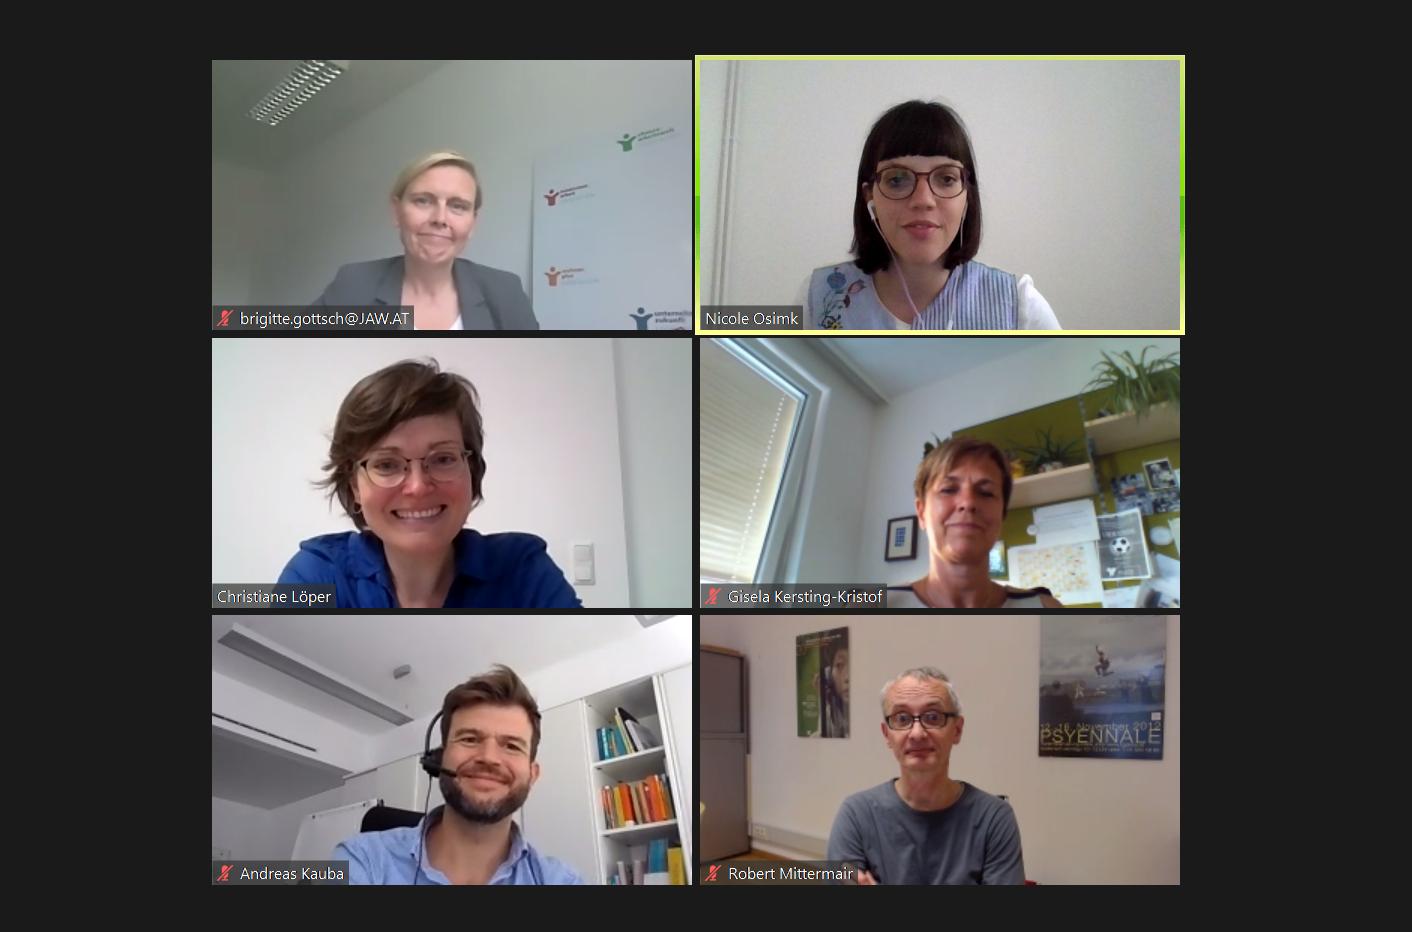 Das Foto zeigt Teilnehmerinnen und Teilnehmer und 1 Moderatorin eines Online Workshops auf Zoom